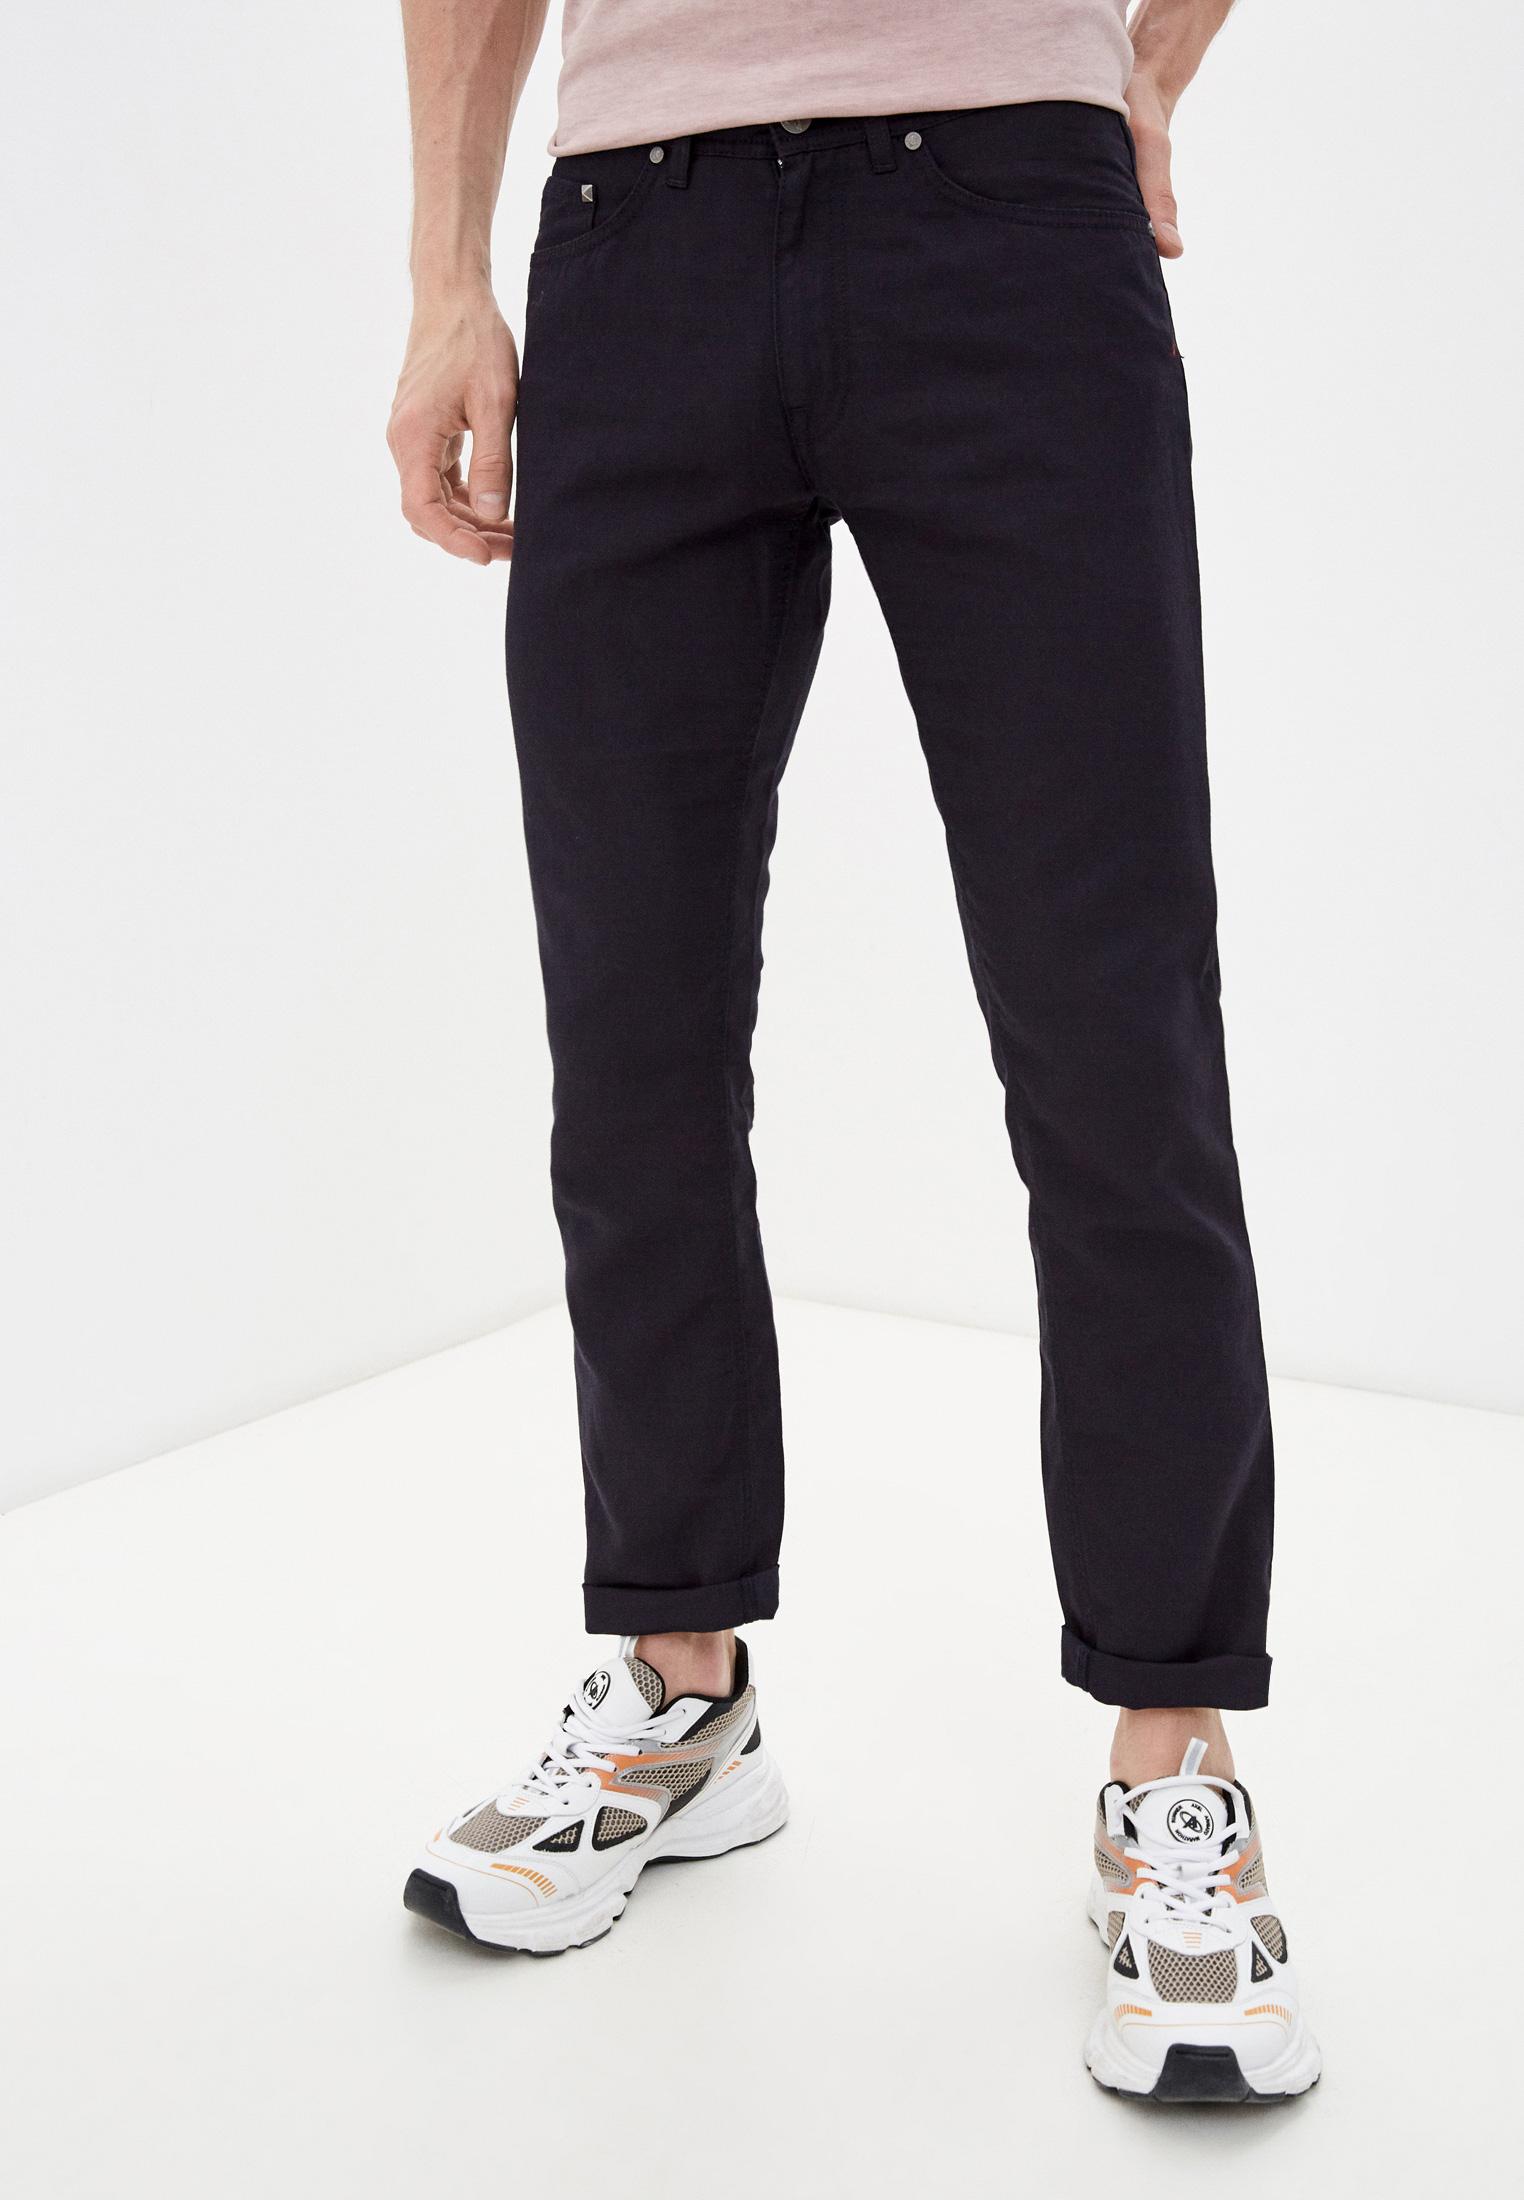 Мужские повседневные брюки Karl Lagerfeld 265840 511802